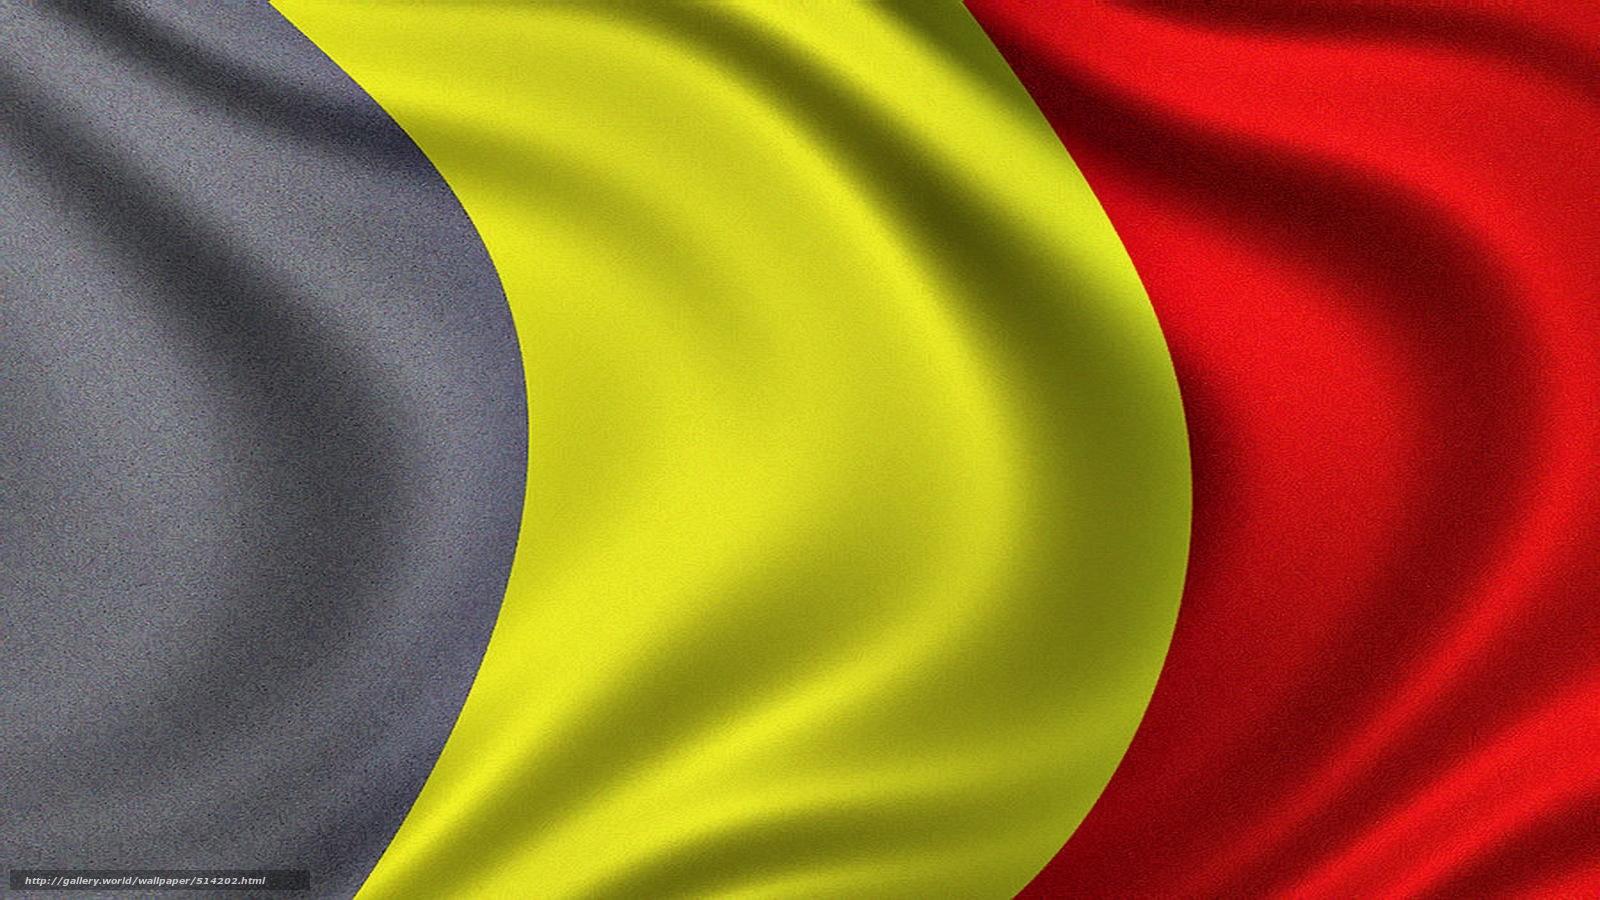 tlcharger fond d 39 ecran drapeau de la belgique drapeau belge drapeau du royaume de belgique. Black Bedroom Furniture Sets. Home Design Ideas